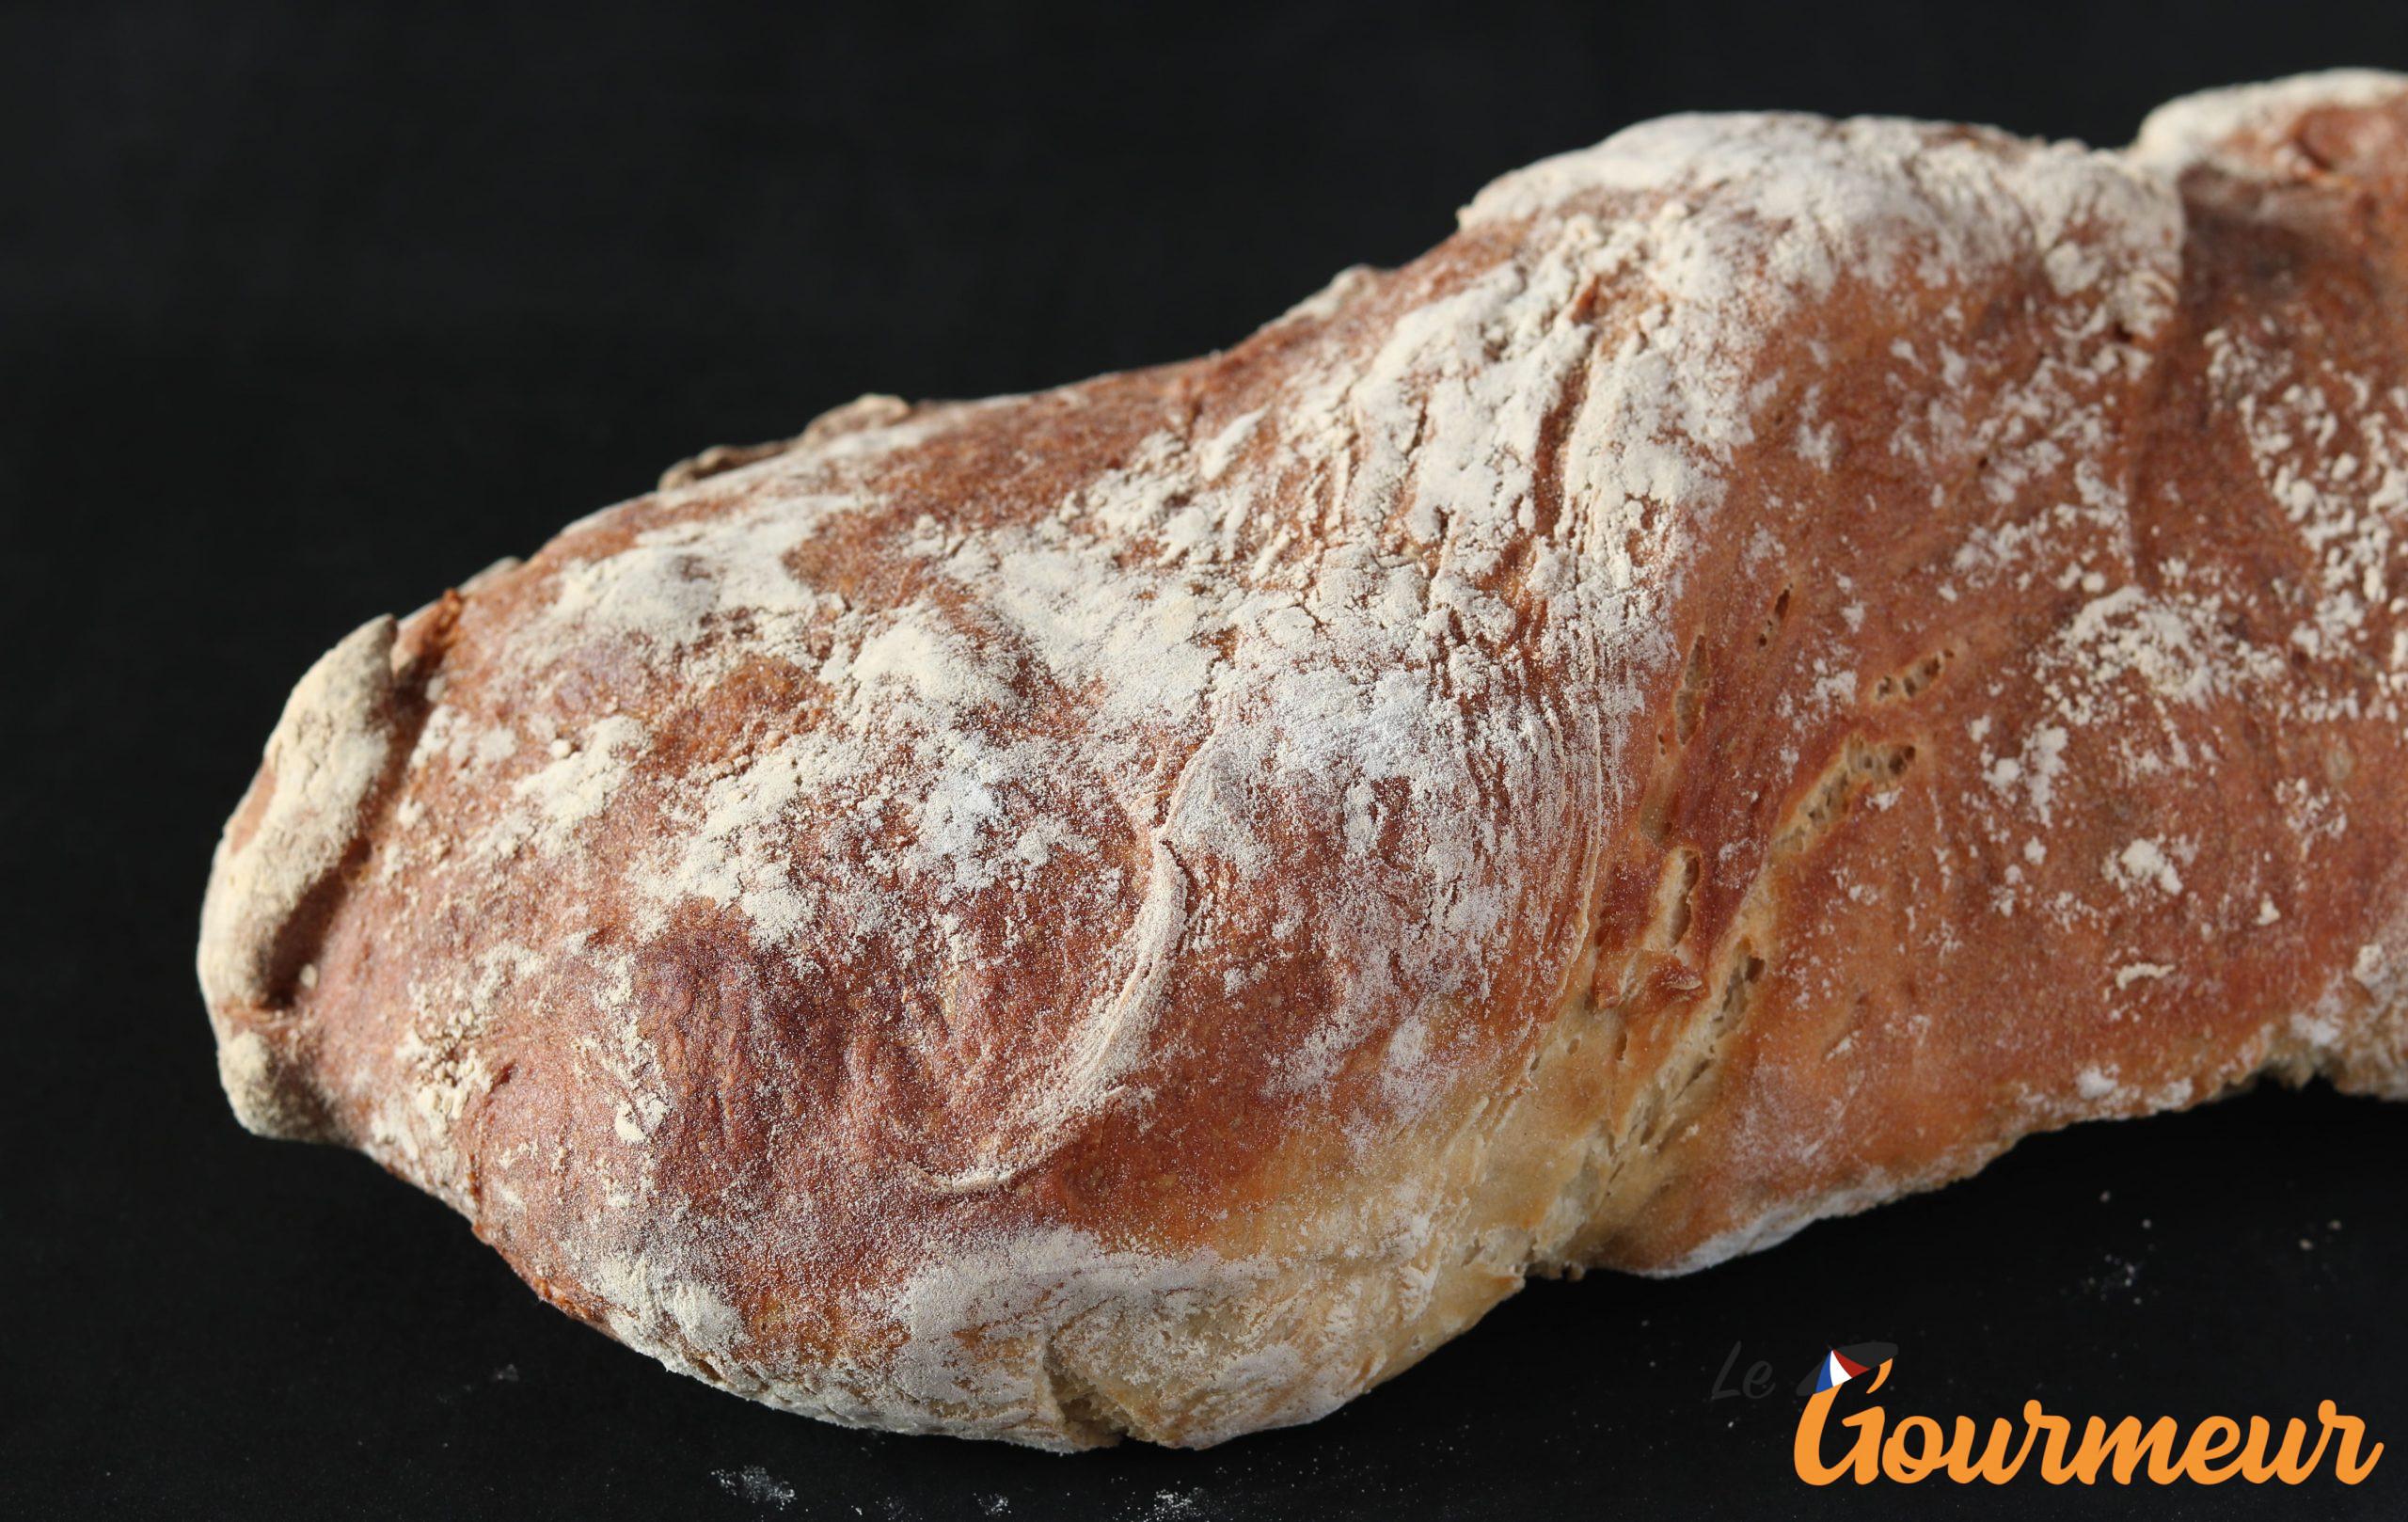 pain paillasse boulangerie occitanie Languedoc-Roussillon